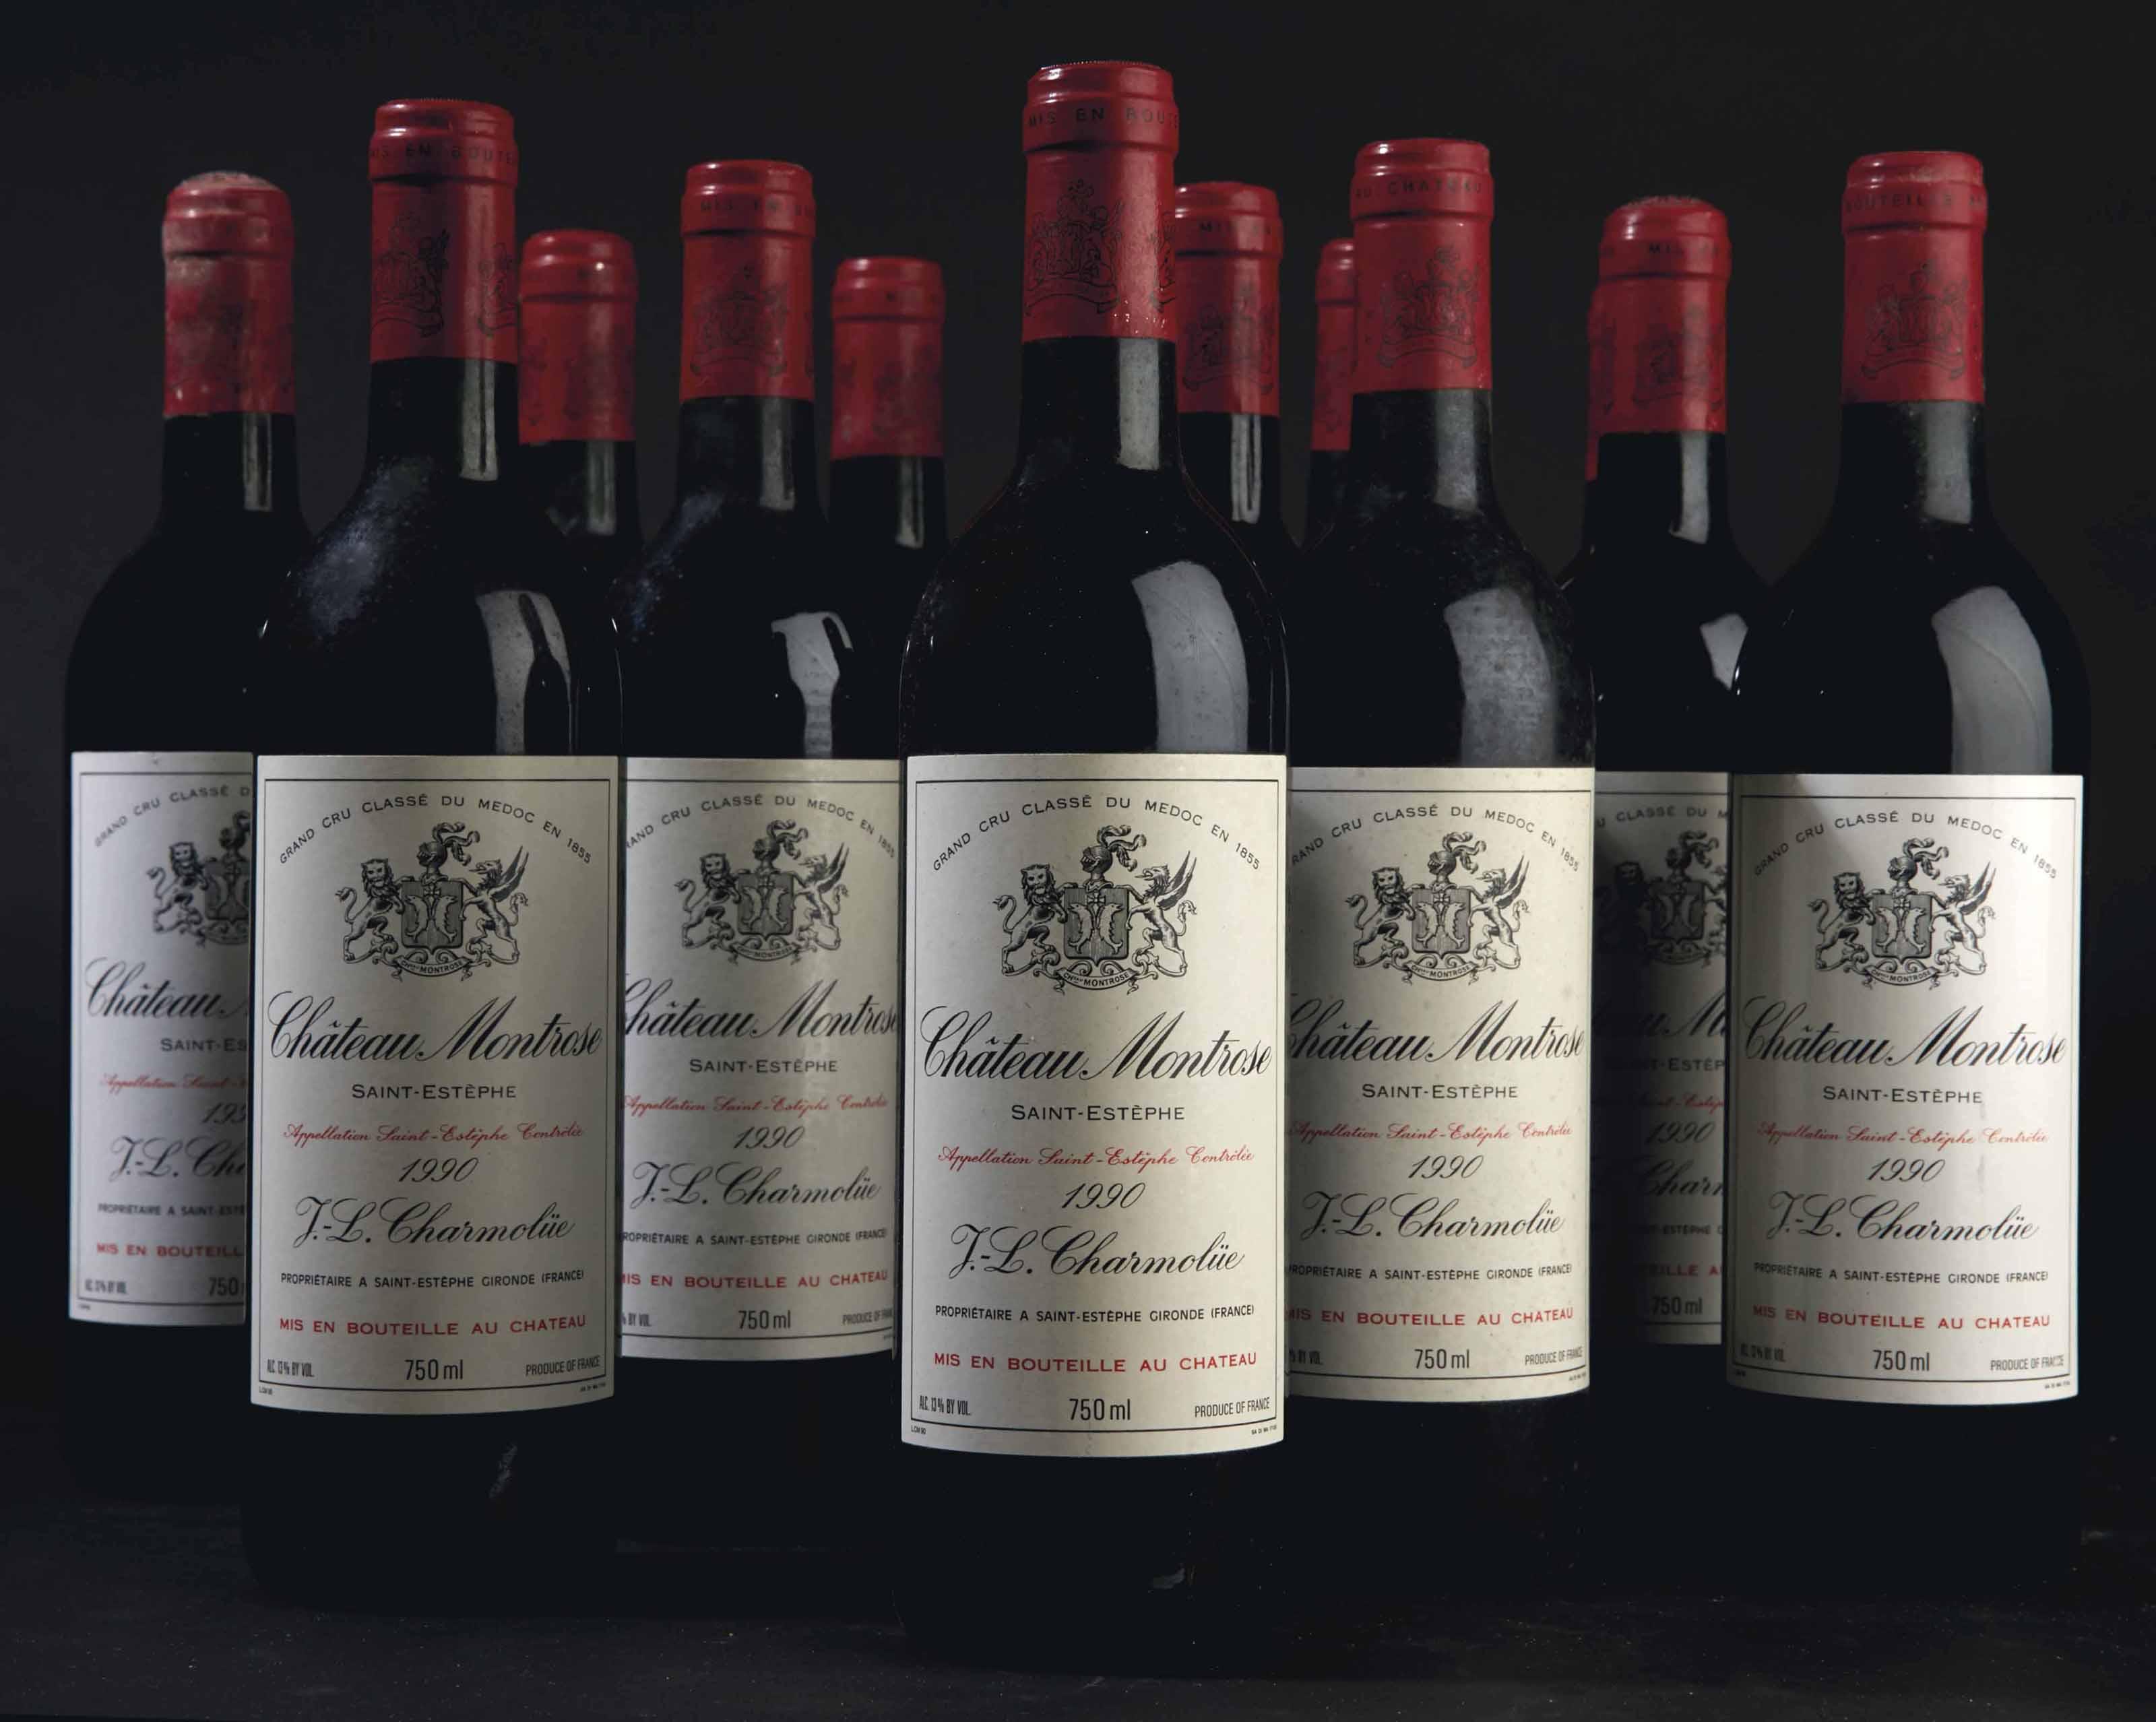 Château Montrose 1990